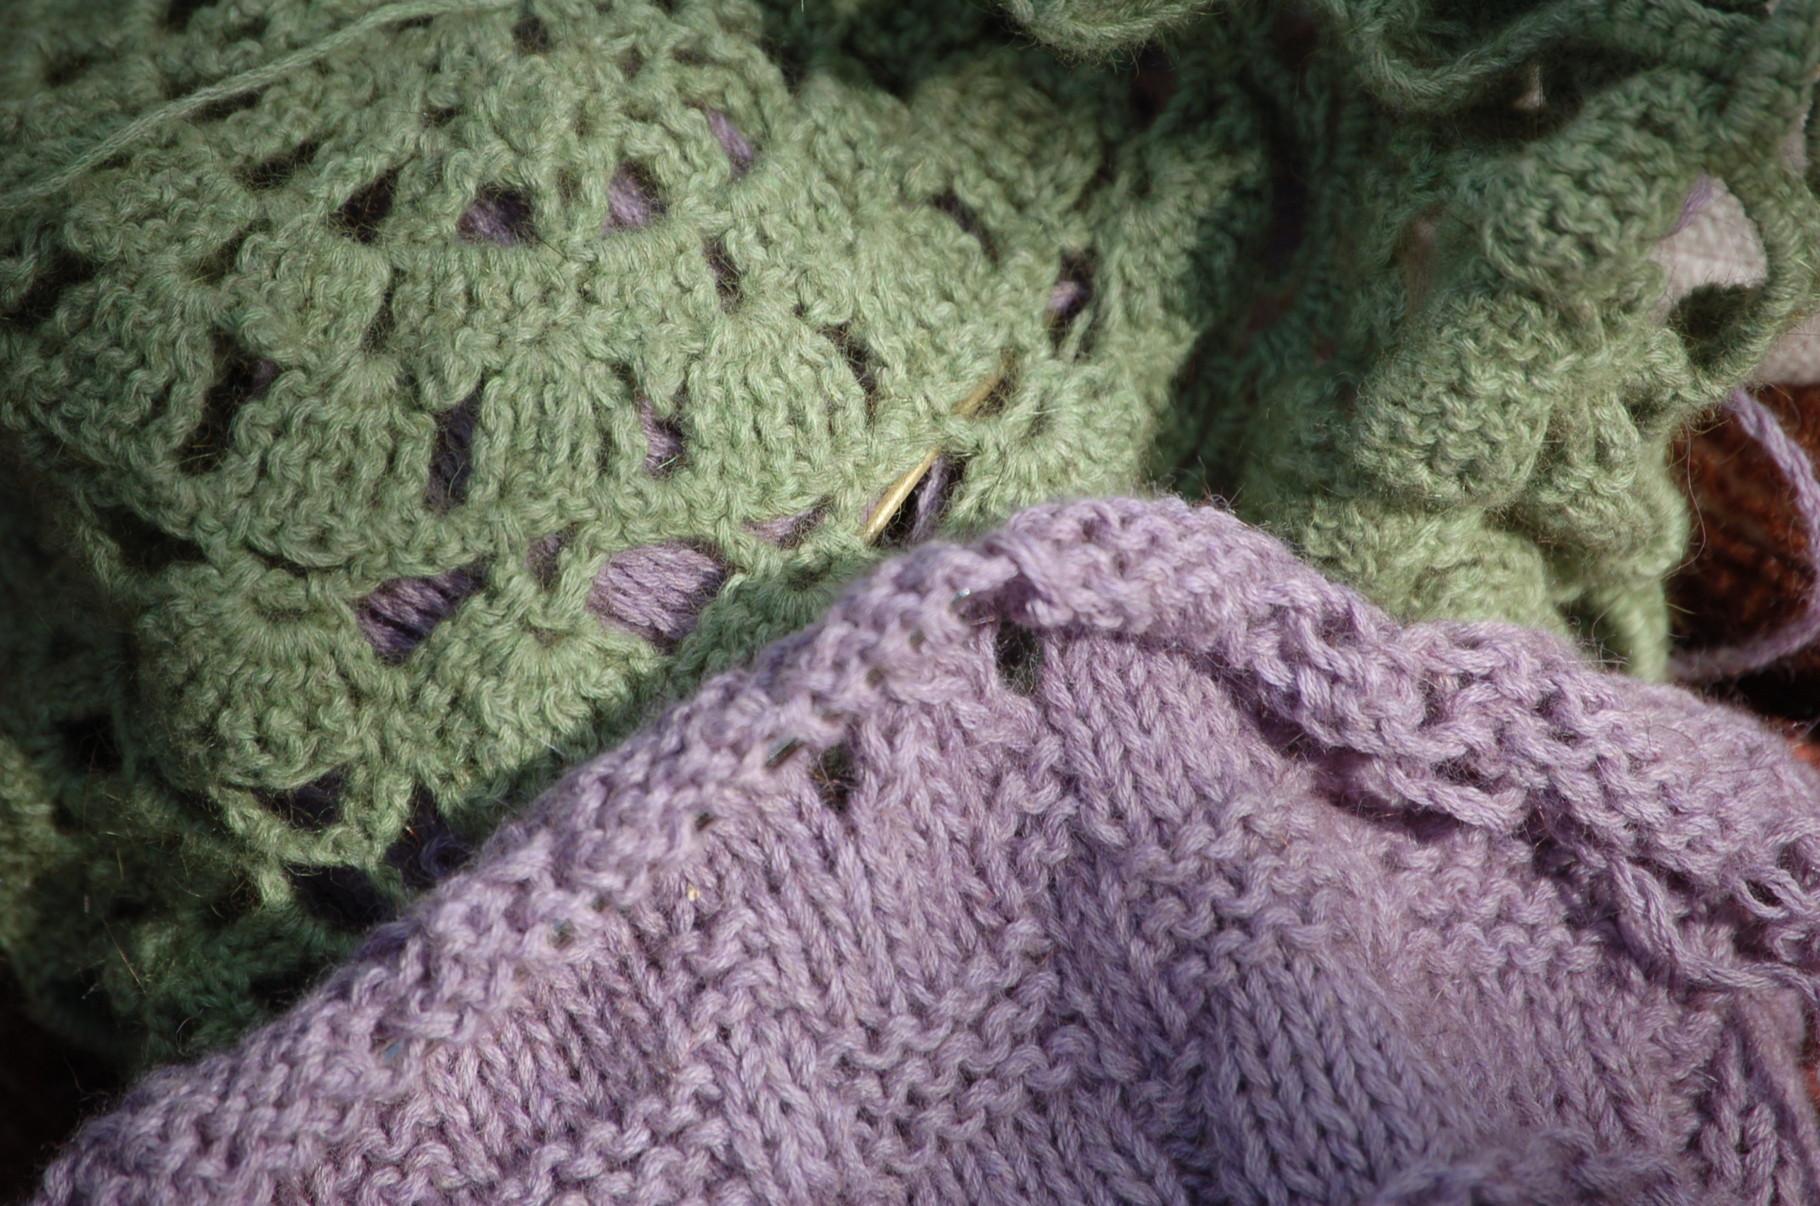 Oben: Häkelmütze  aus KIWI lace weight in der Farbe Fern 07, Unten: Strickprobe mit KIWI fingering weight, Farbe Papura 06